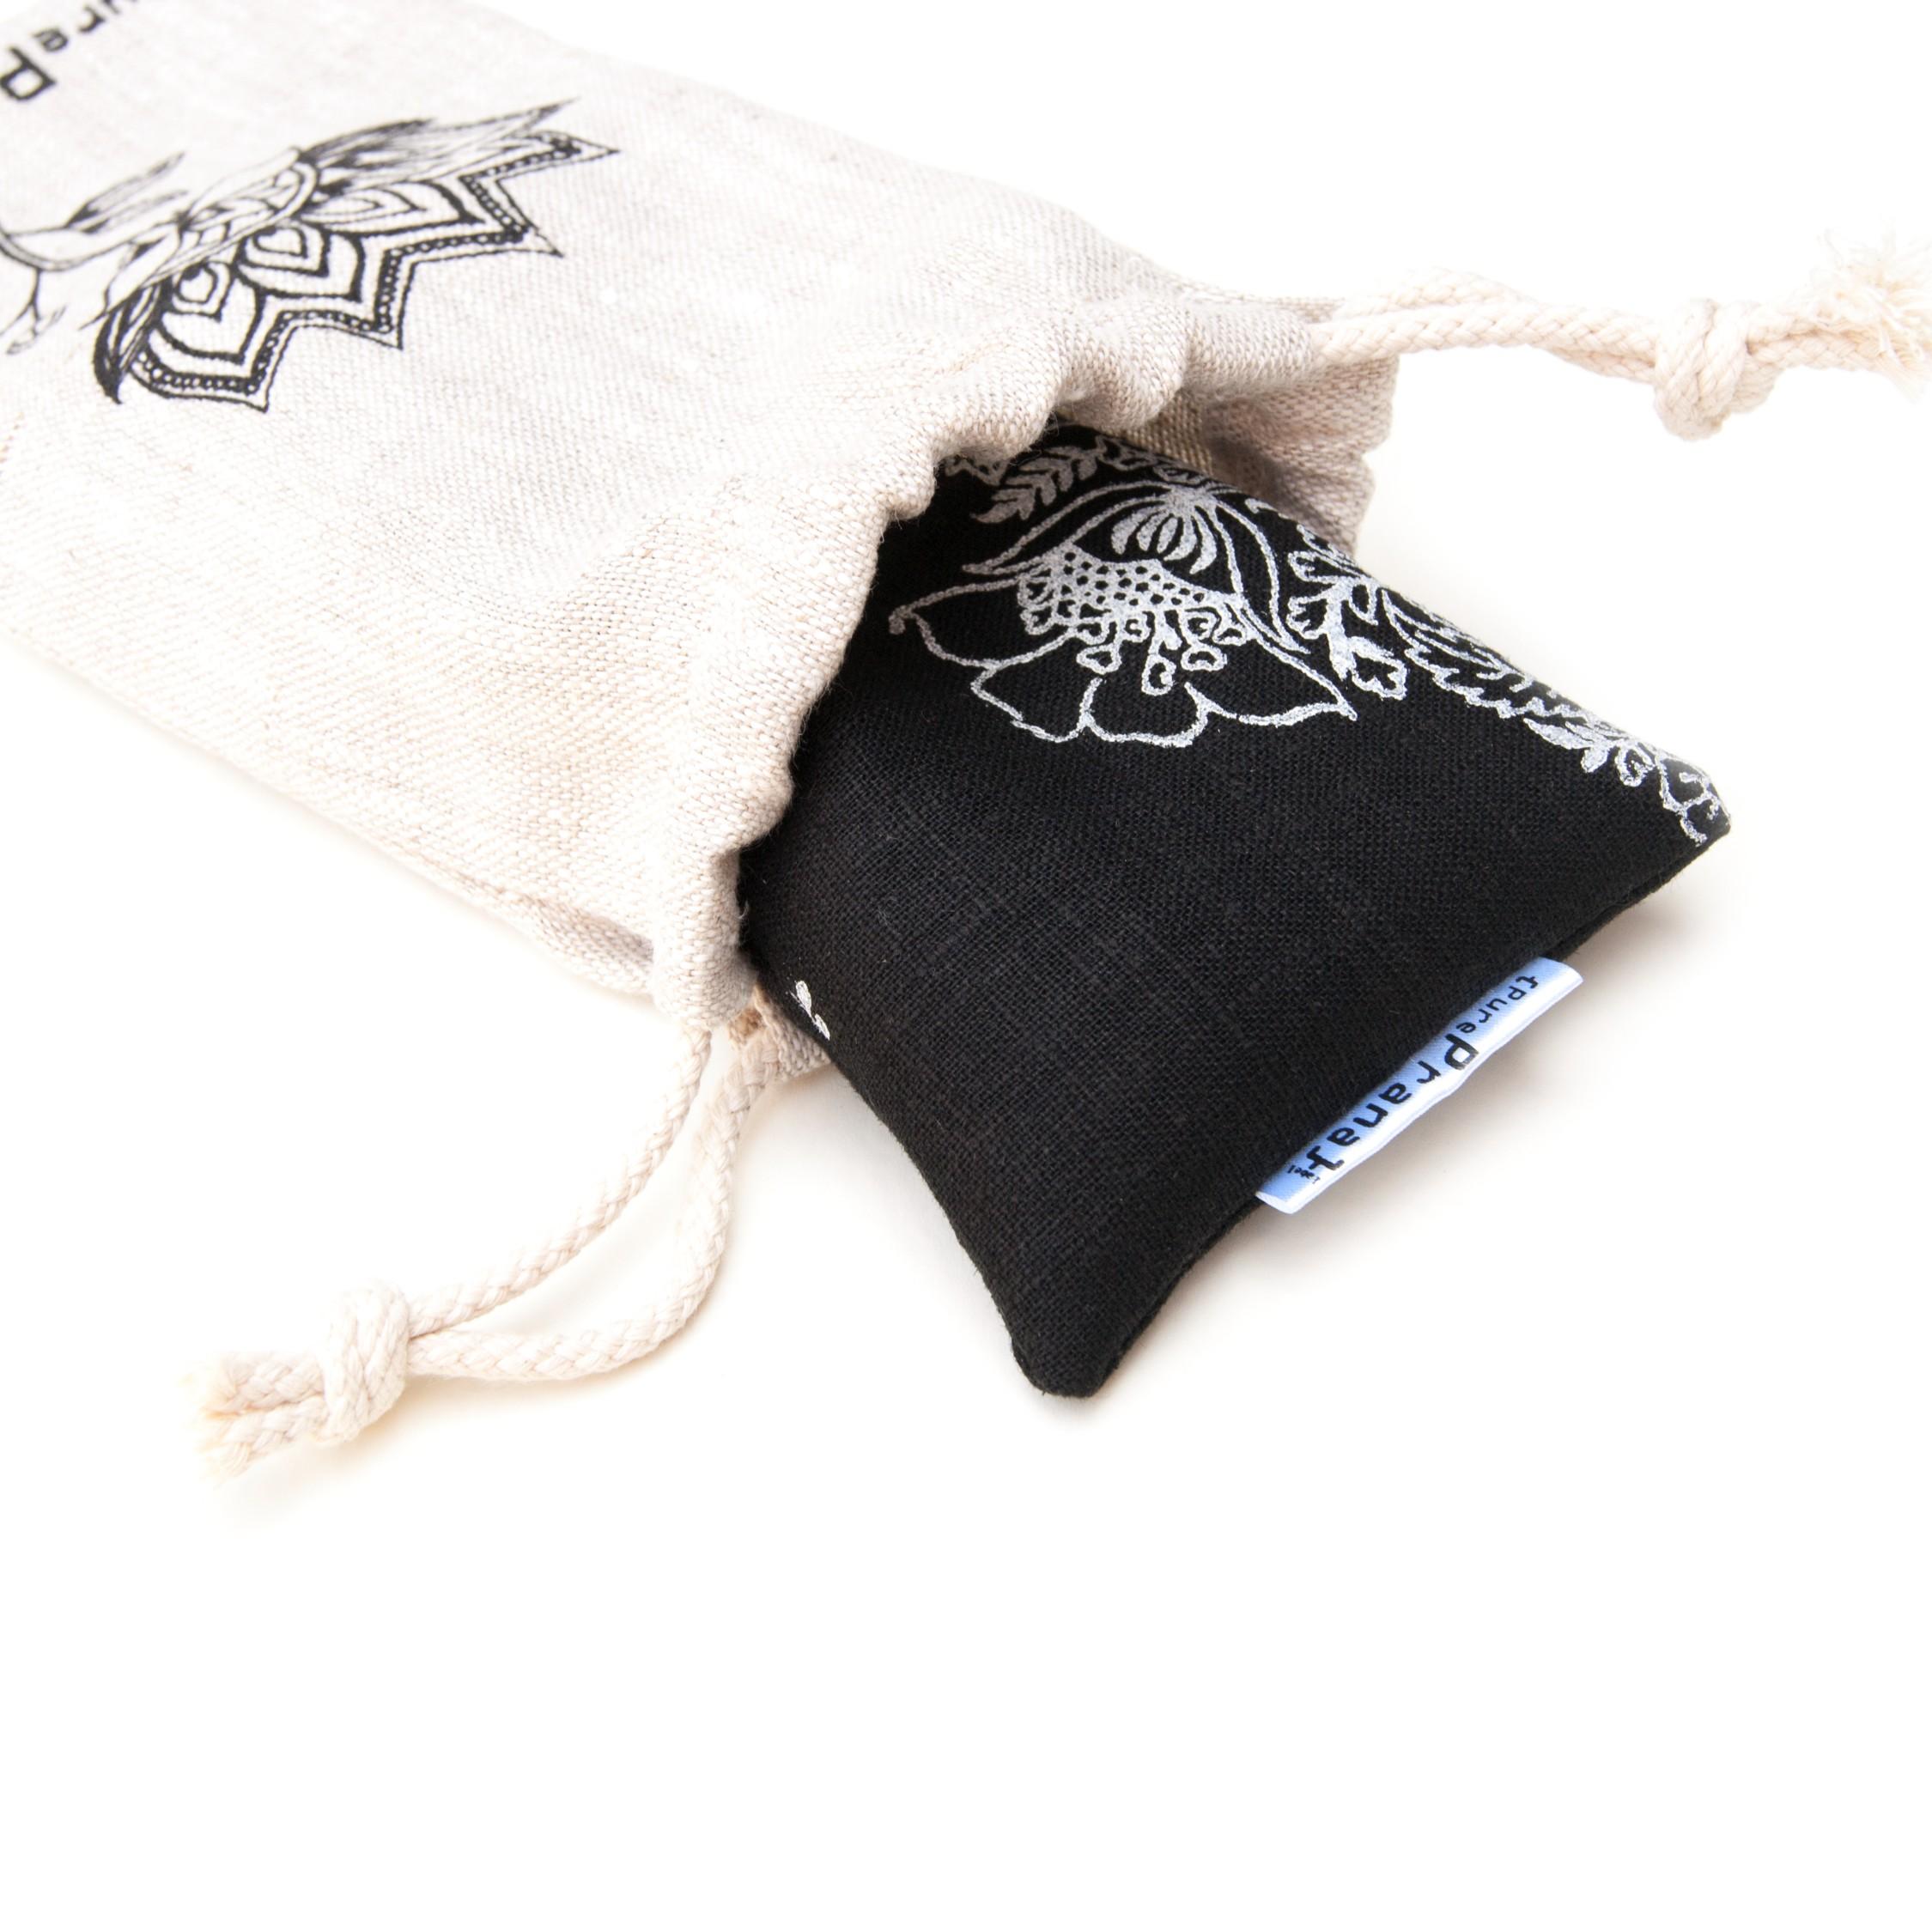 Lavender eye pillow for yoga